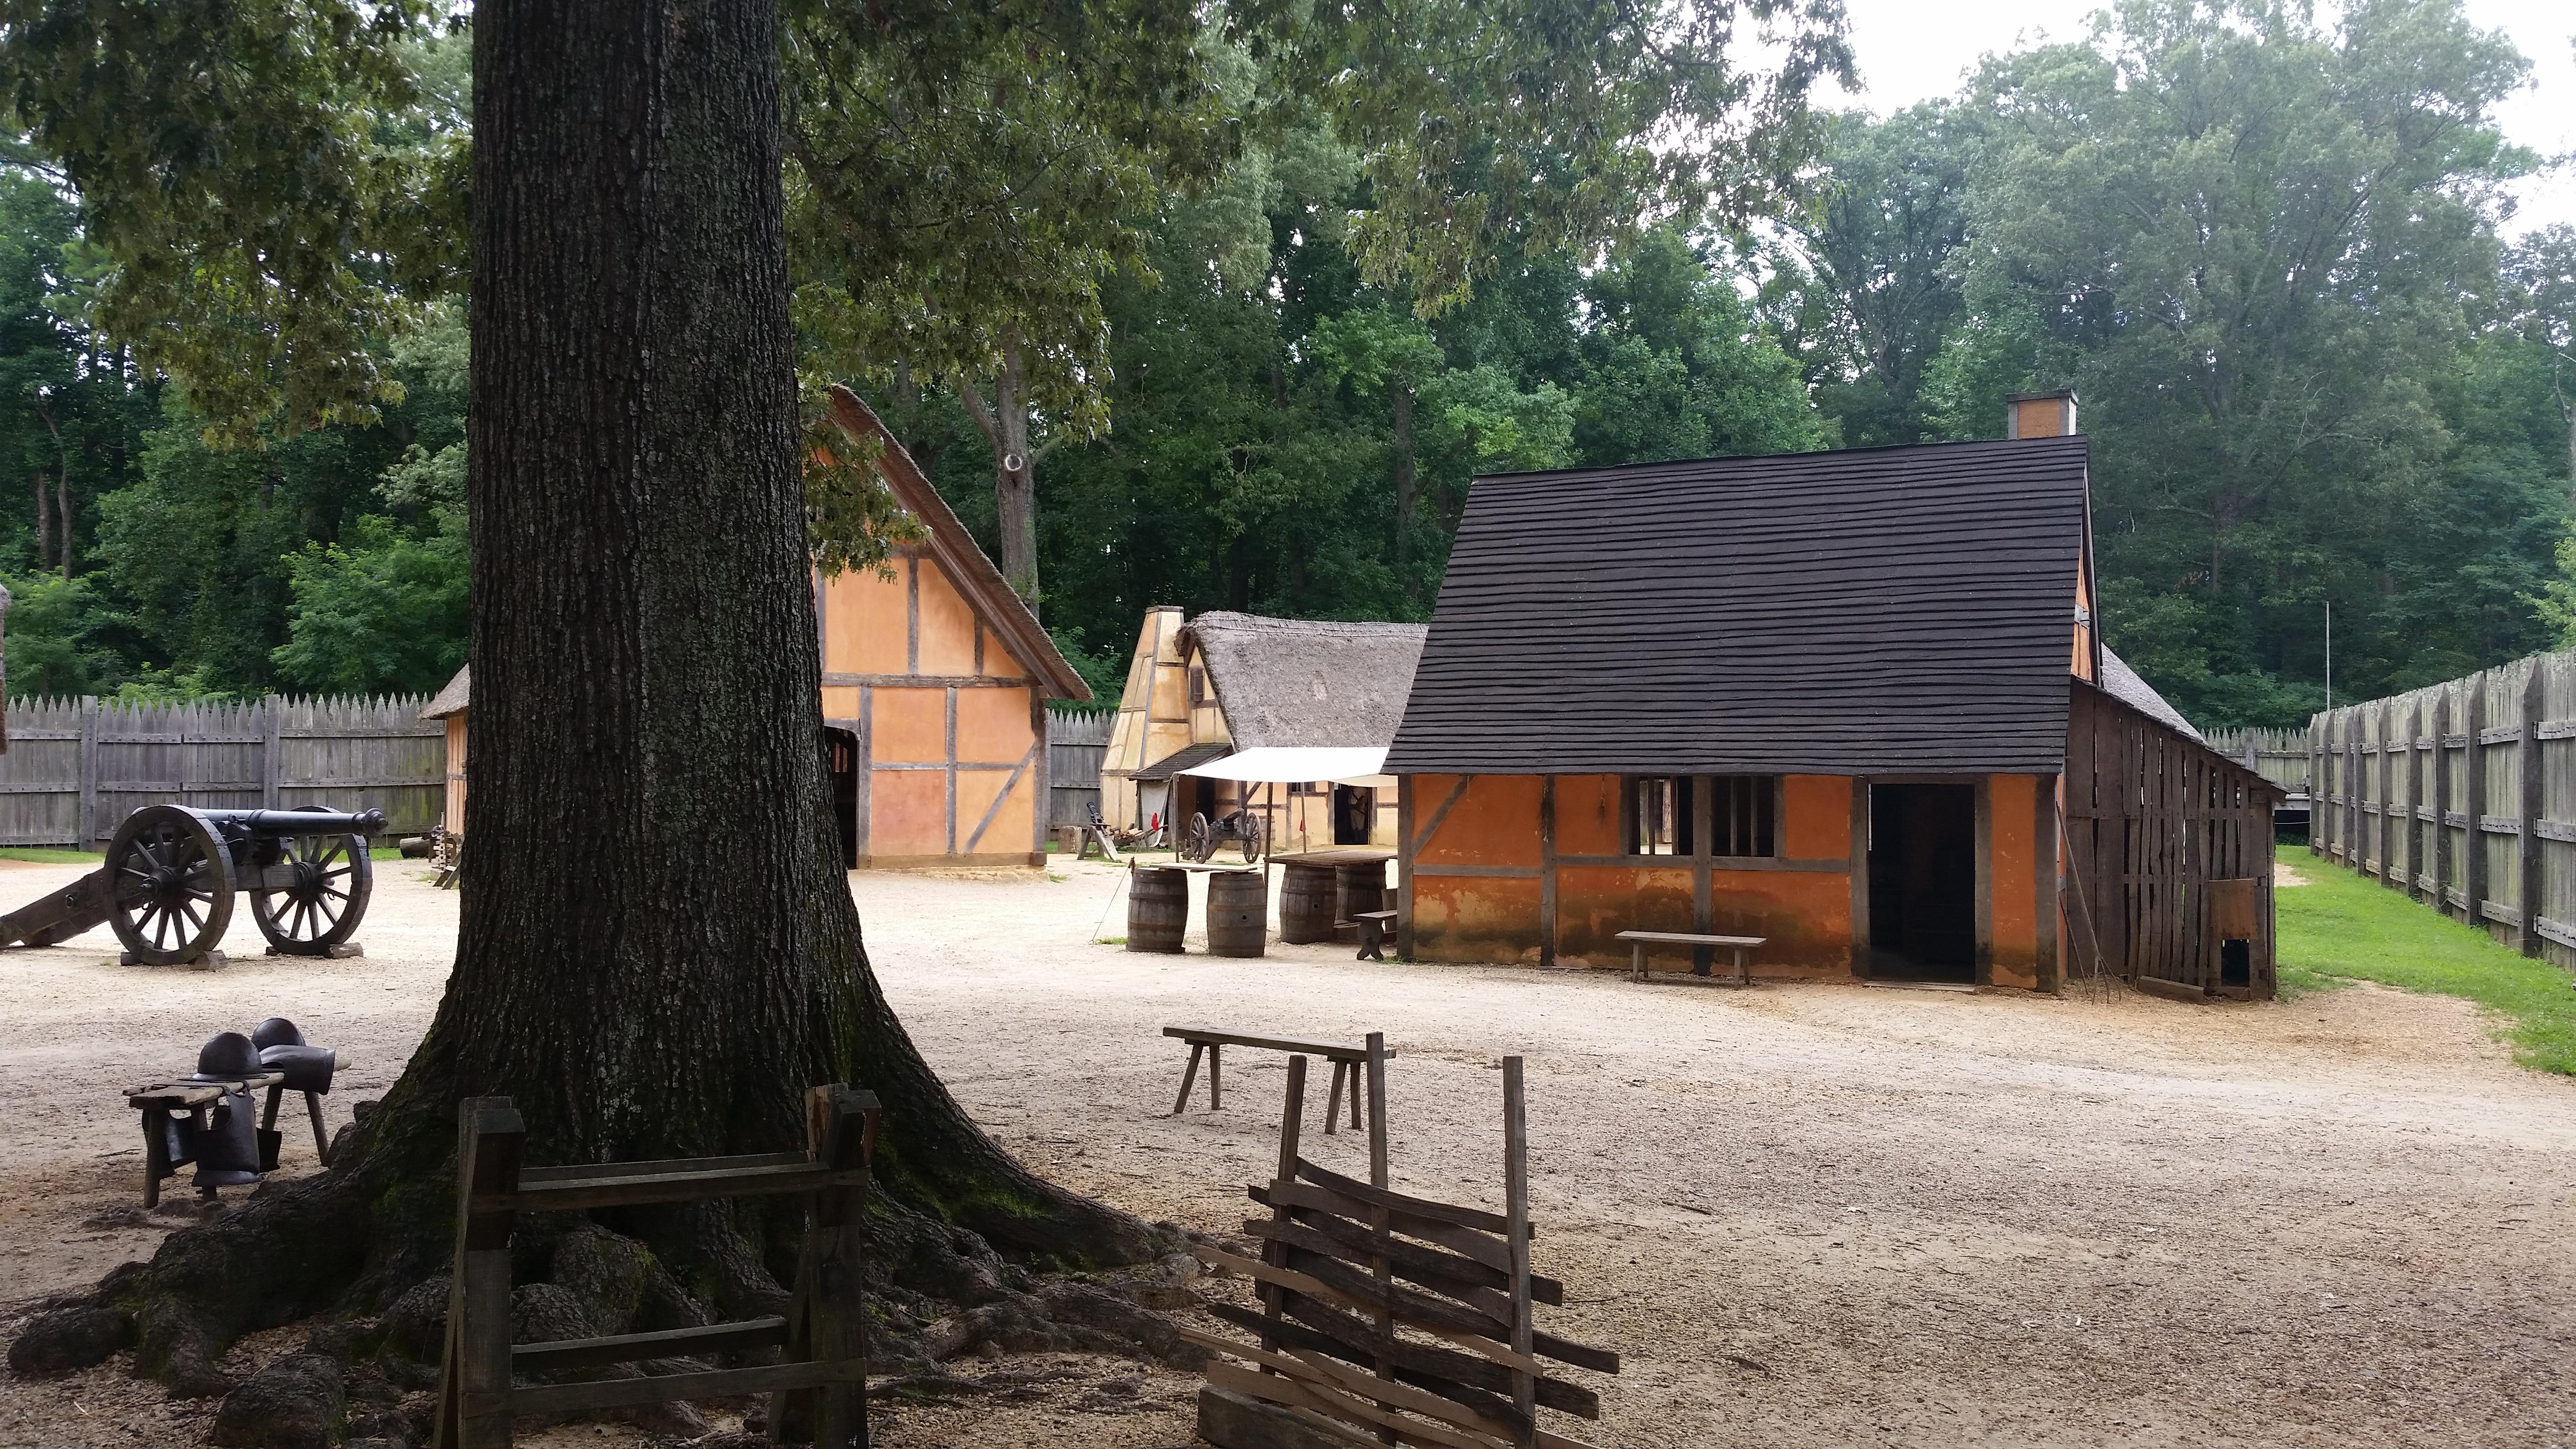 Fort interior at Jamestown Settlement, Virginia. Photo taken on August 4, 2016.